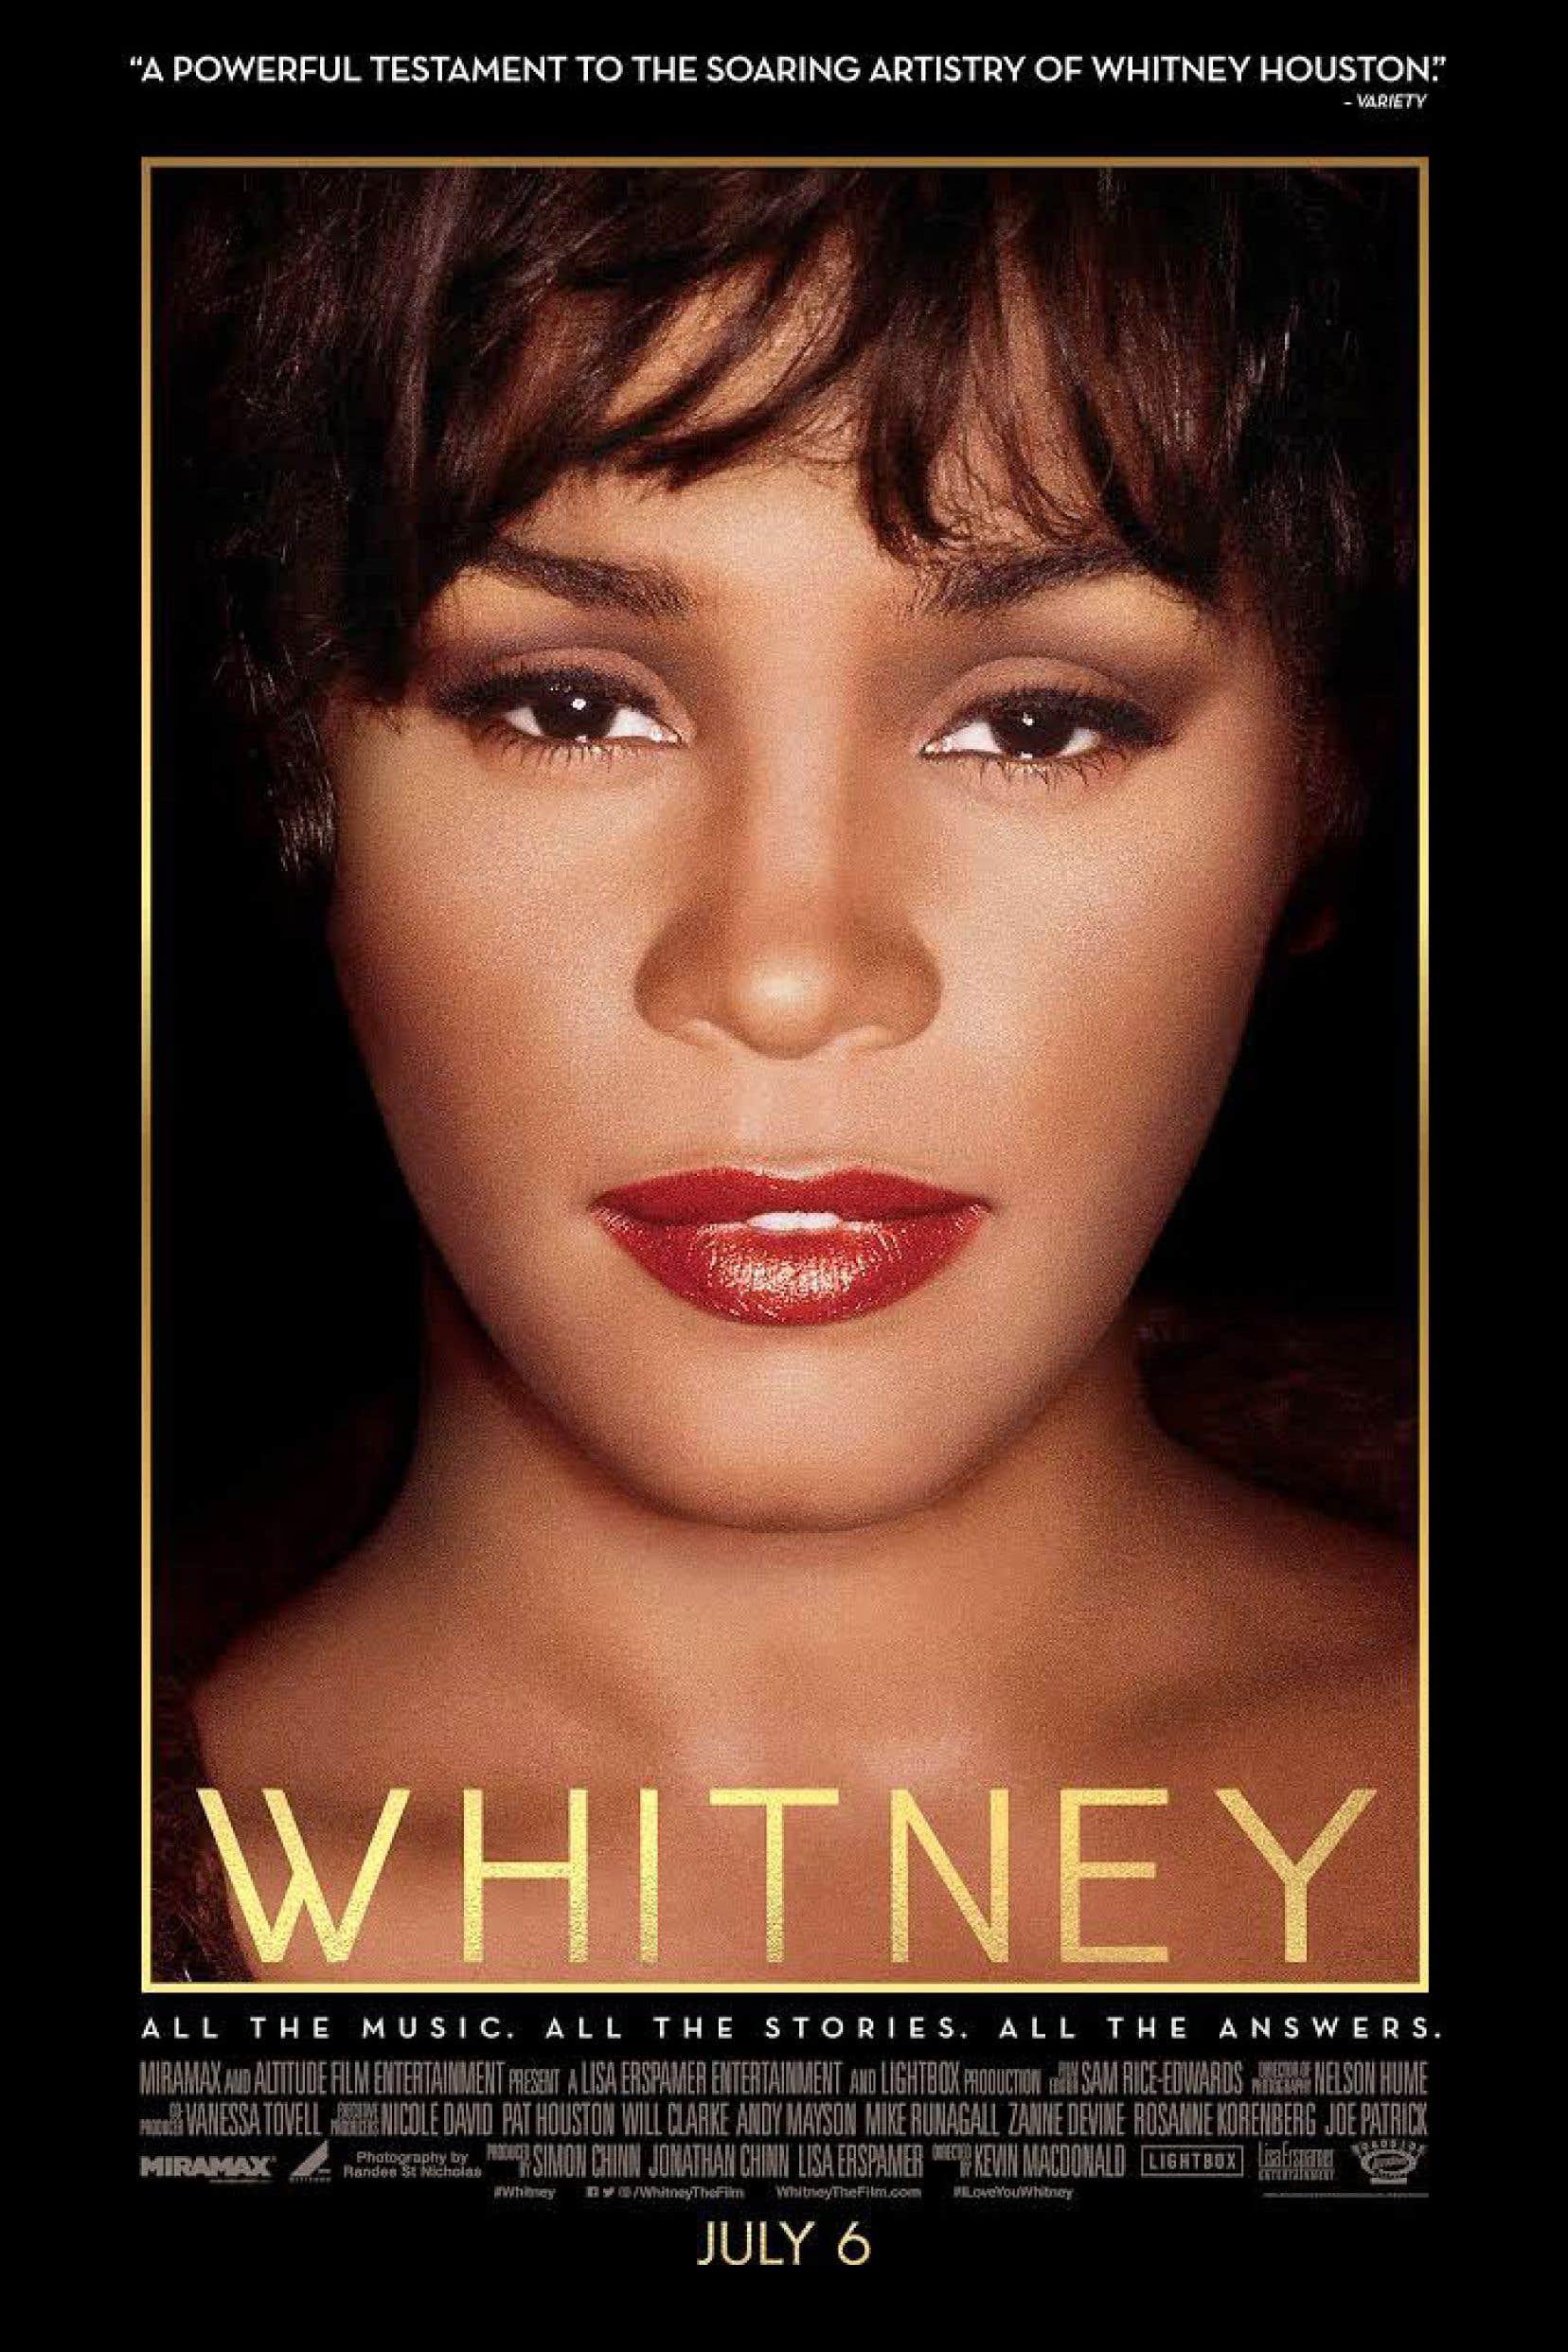 «Whitney» s'avère un bouleversant portrait empreint d'empathie d'une petite fille poussée à la perfection.